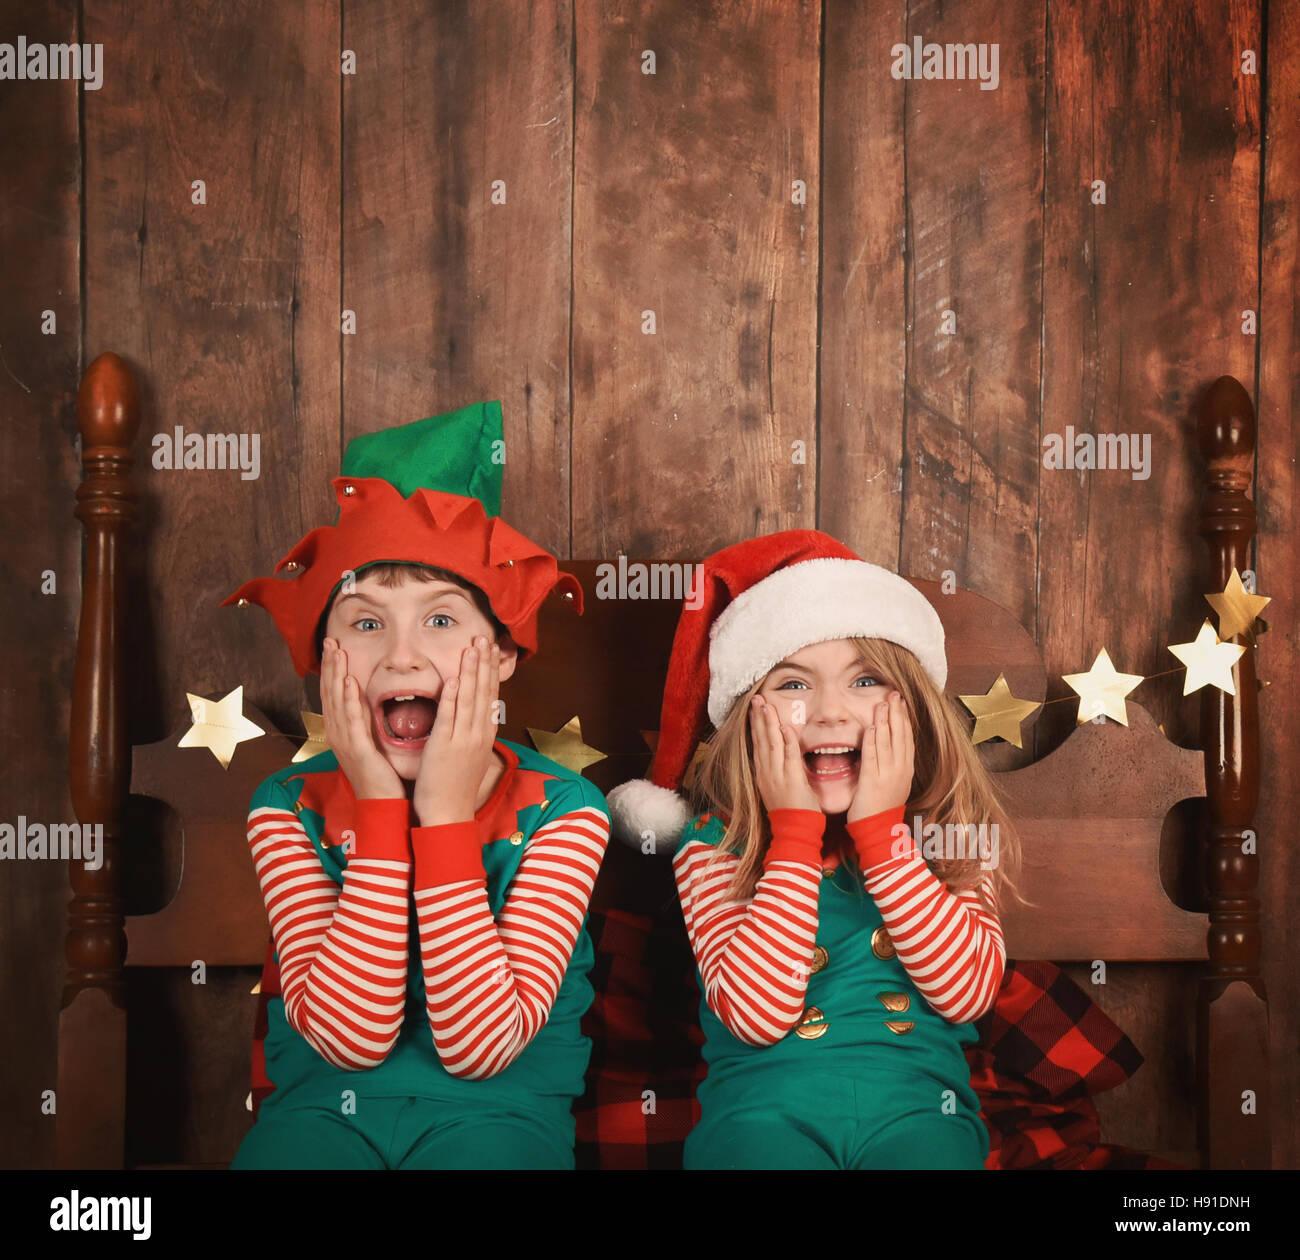 Dos niños son divertidas sorprendido y emocionado sentado en una cama con pijamas de navidad con una pared Imagen De Stock